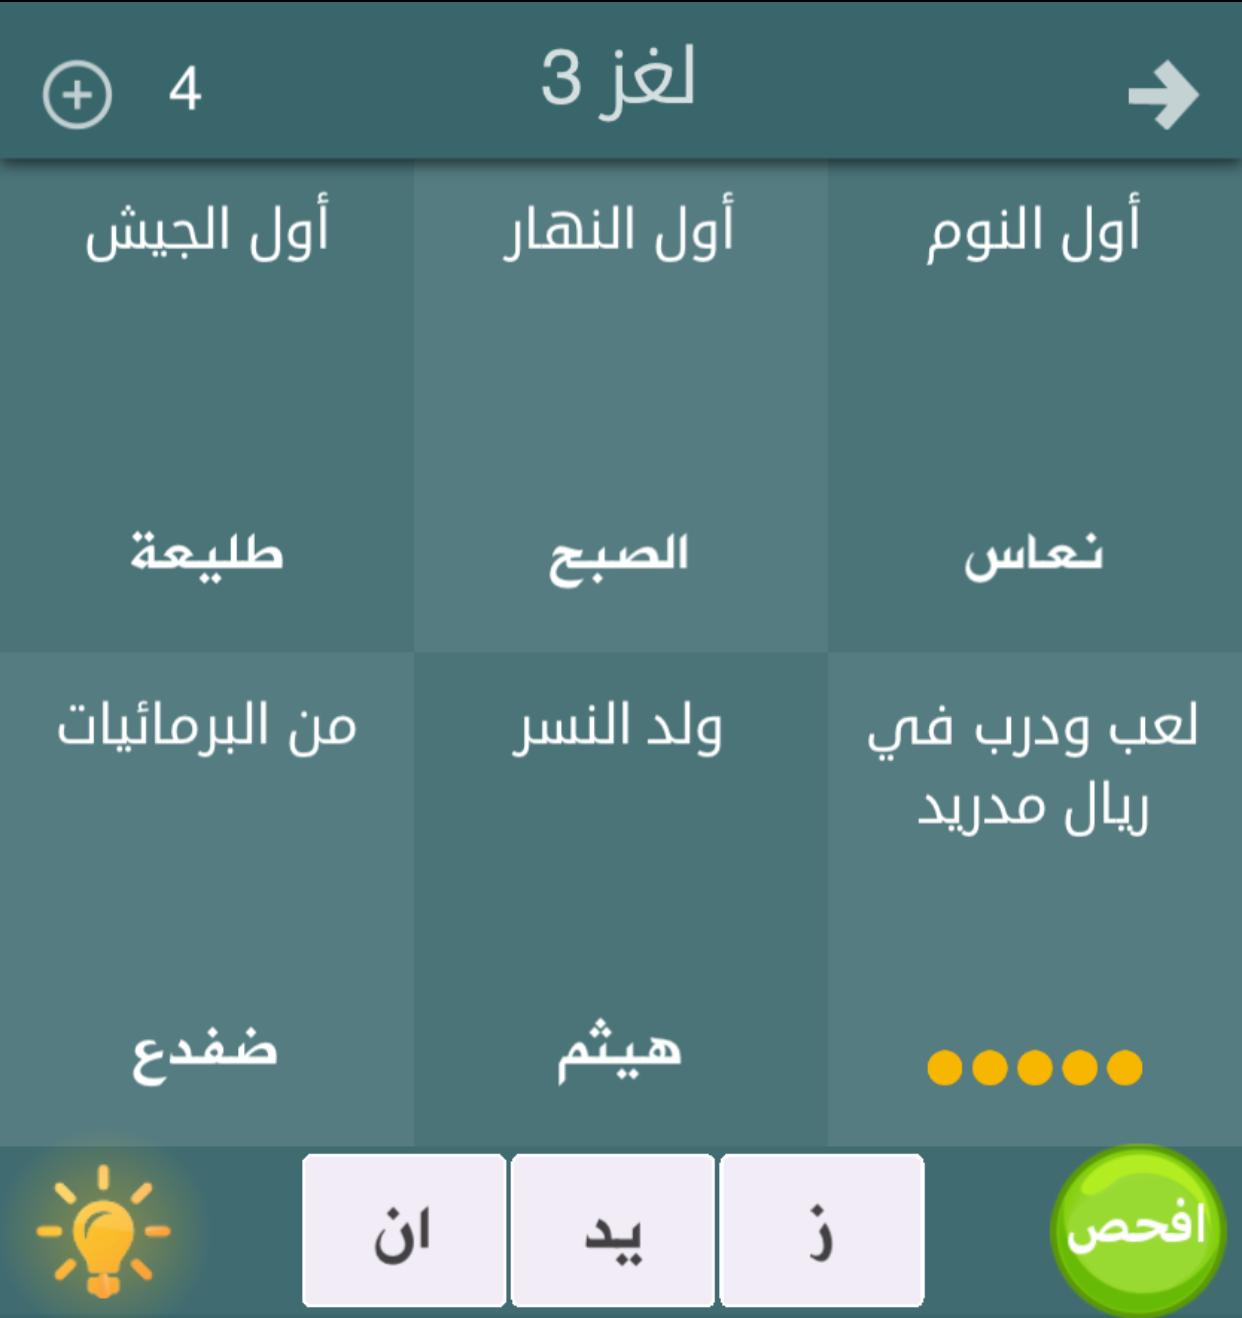 8fb9b90f7e6 عملة عربية صغيرة من 4 حروف لعبة كلما م قاطعة